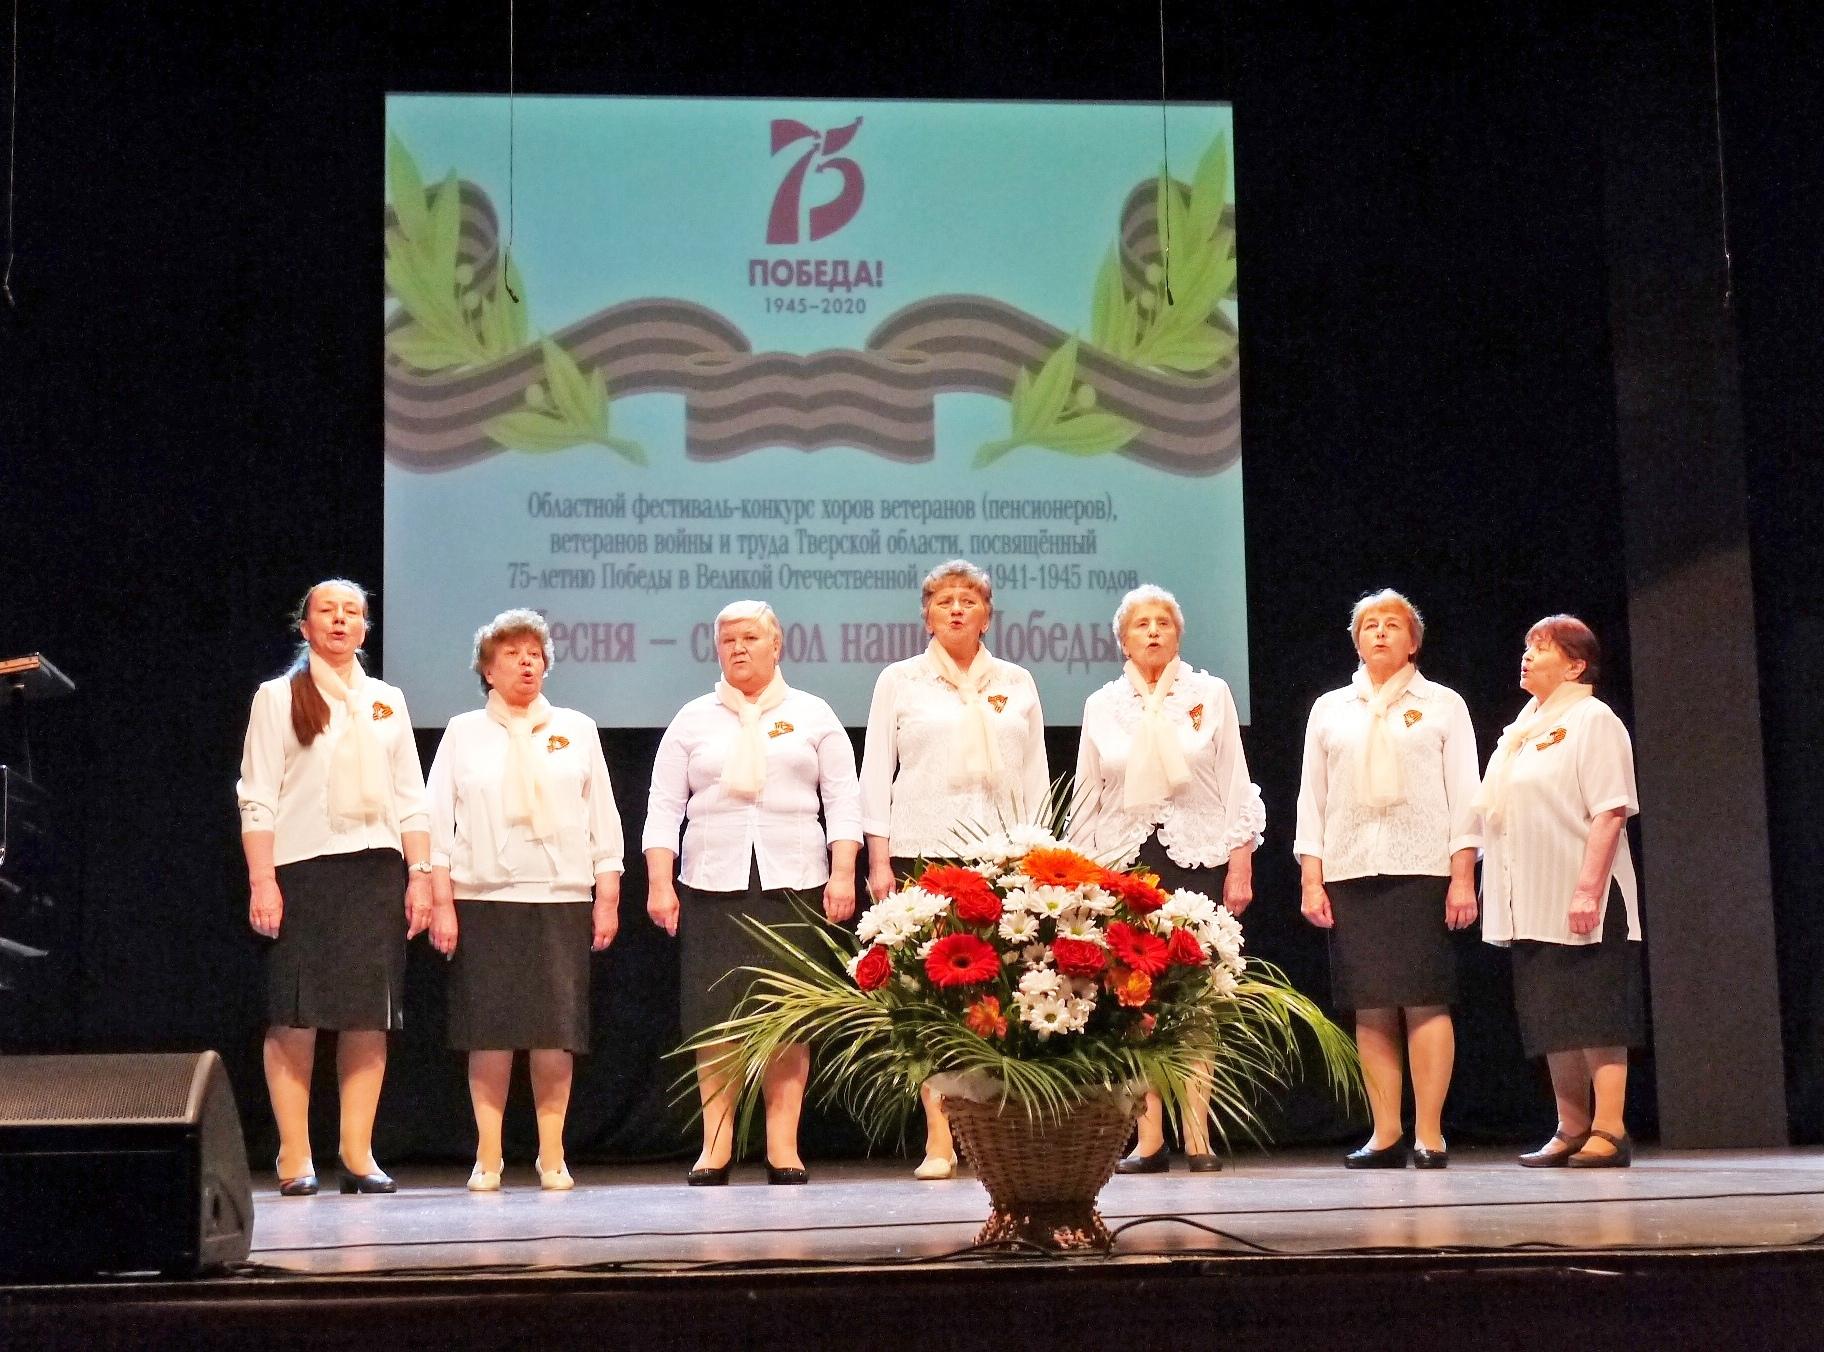 Лучшие калязинские коллективы выступили в Твери с песнями о Победе